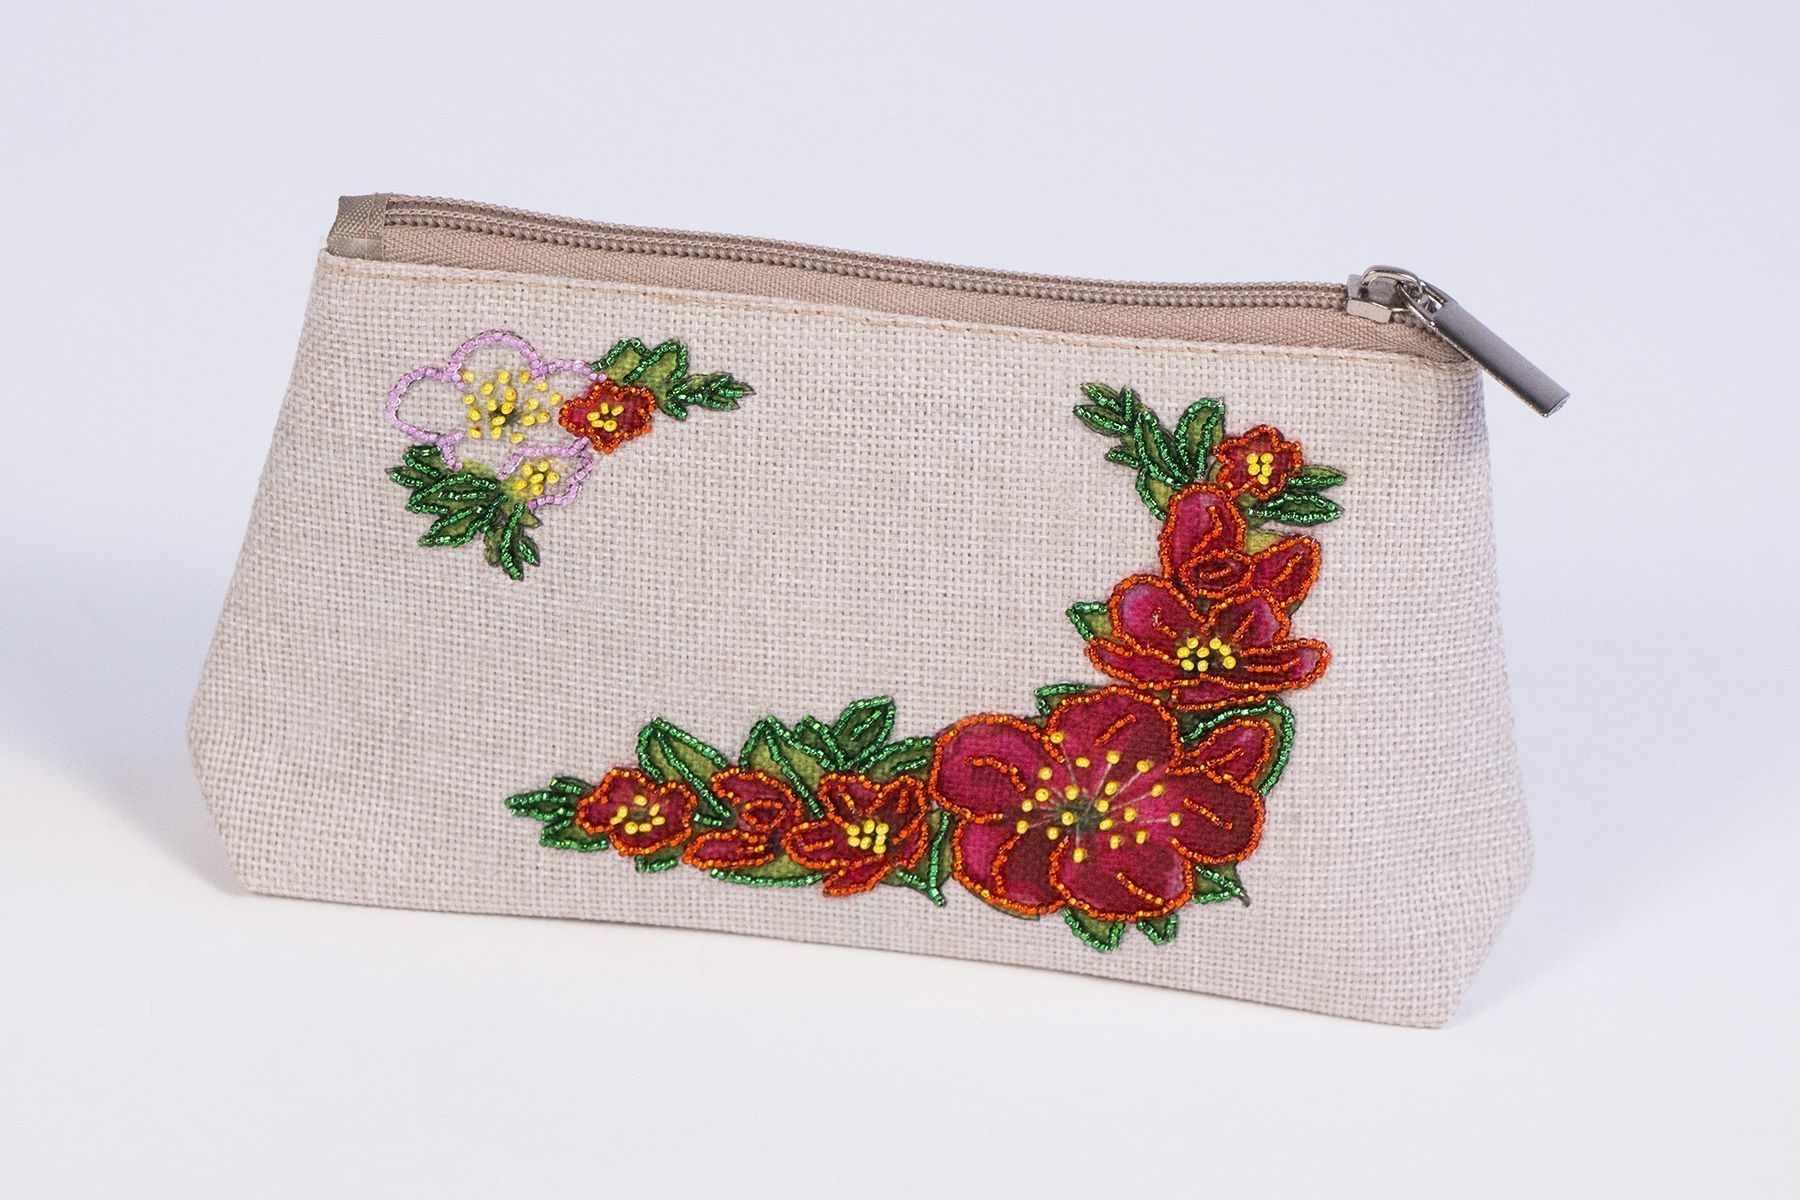 8543 Пора цветения  - набор для вышивания